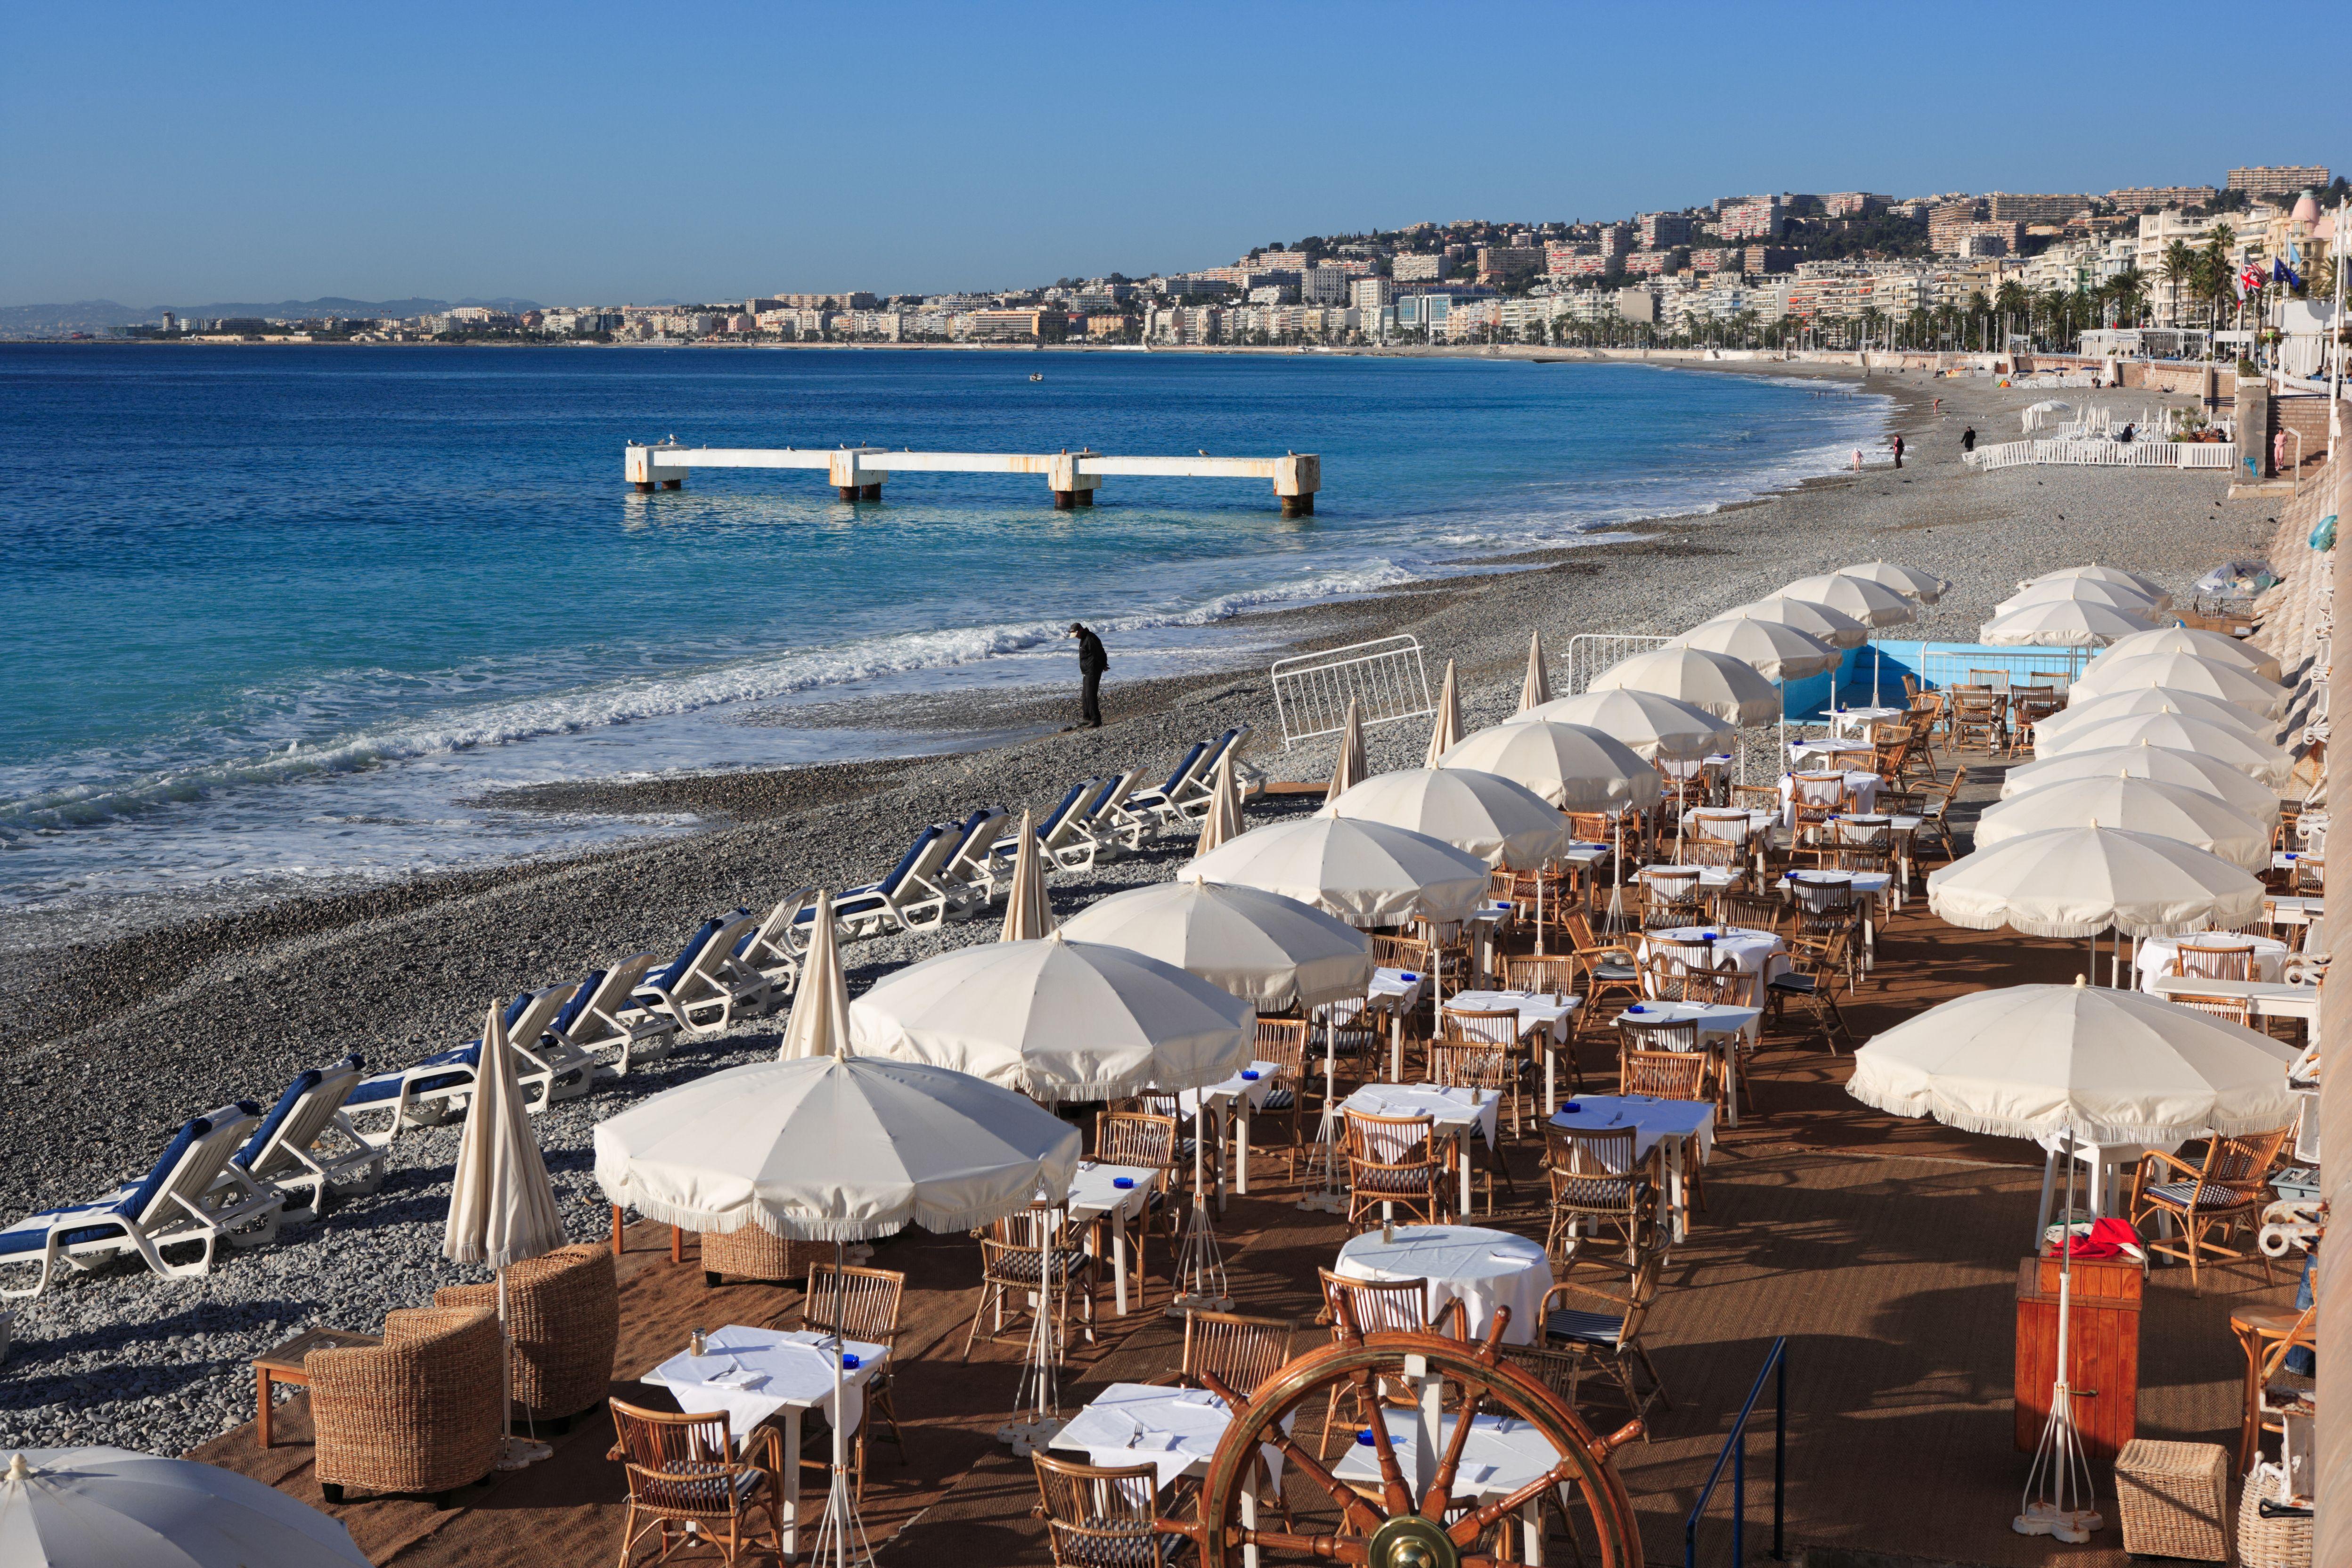 restaurant de plage sur la côte méditerranée